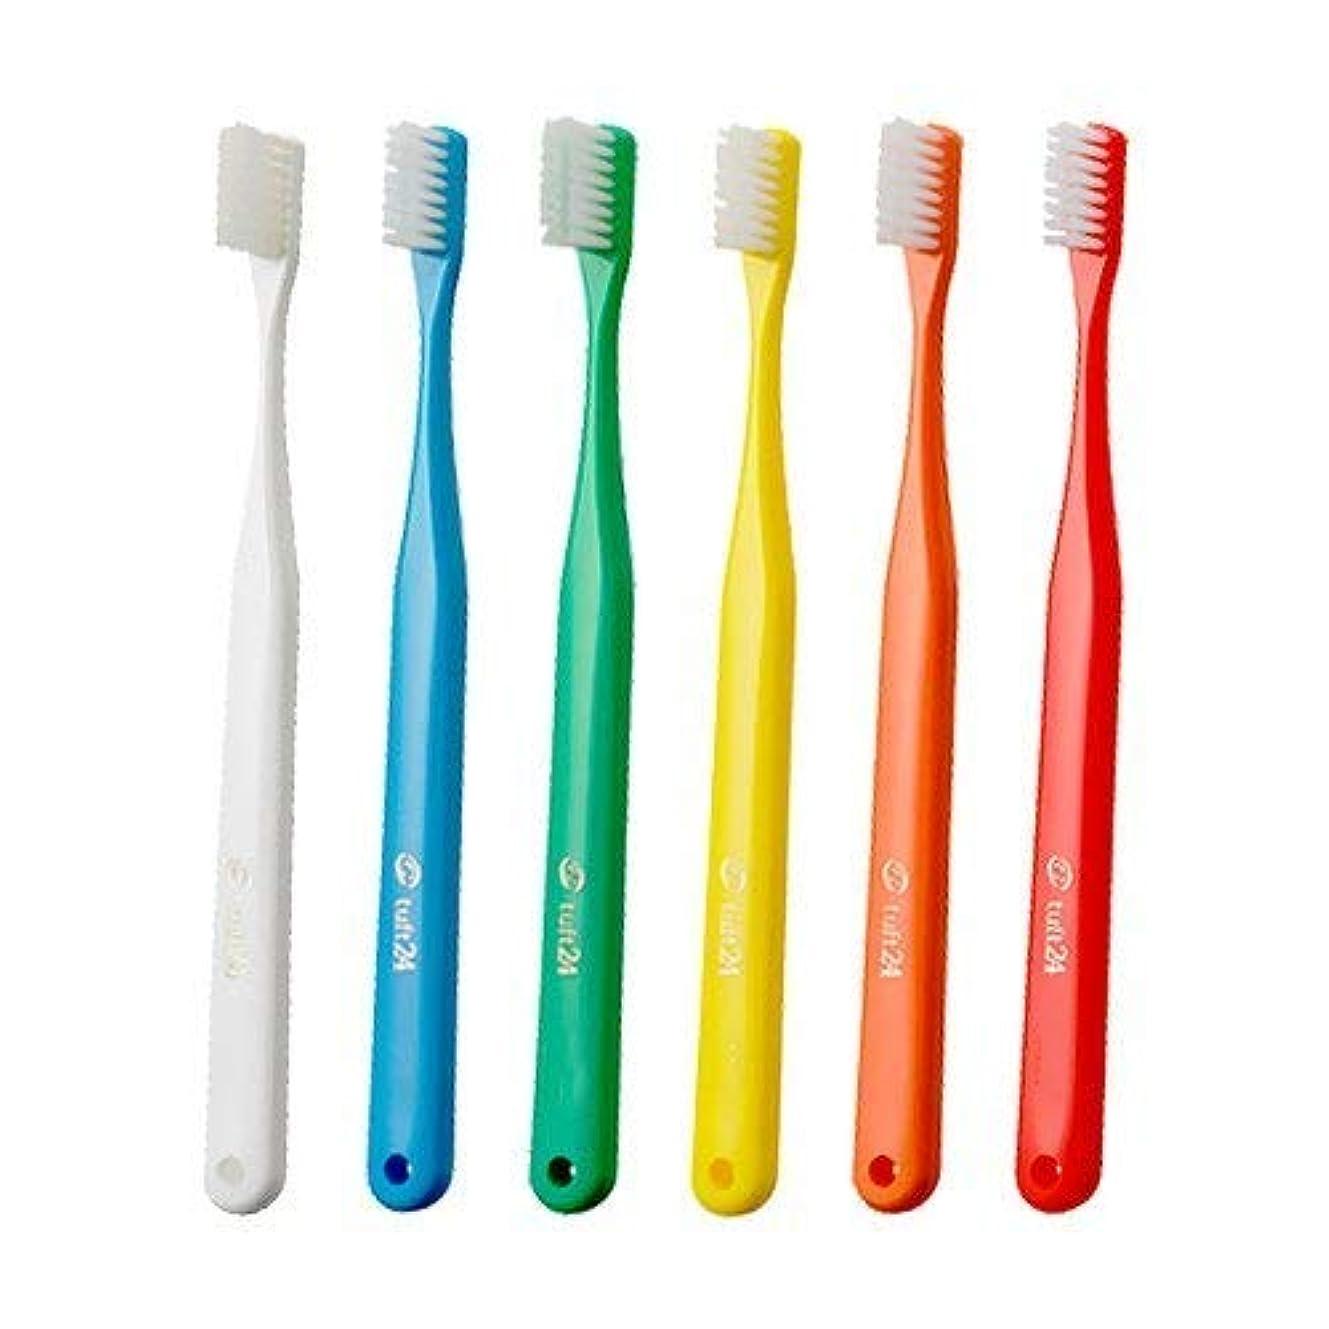 有利エンジニアシステムオーラルケア キャップなし タフト24 歯ブラシ × 10本 (S)